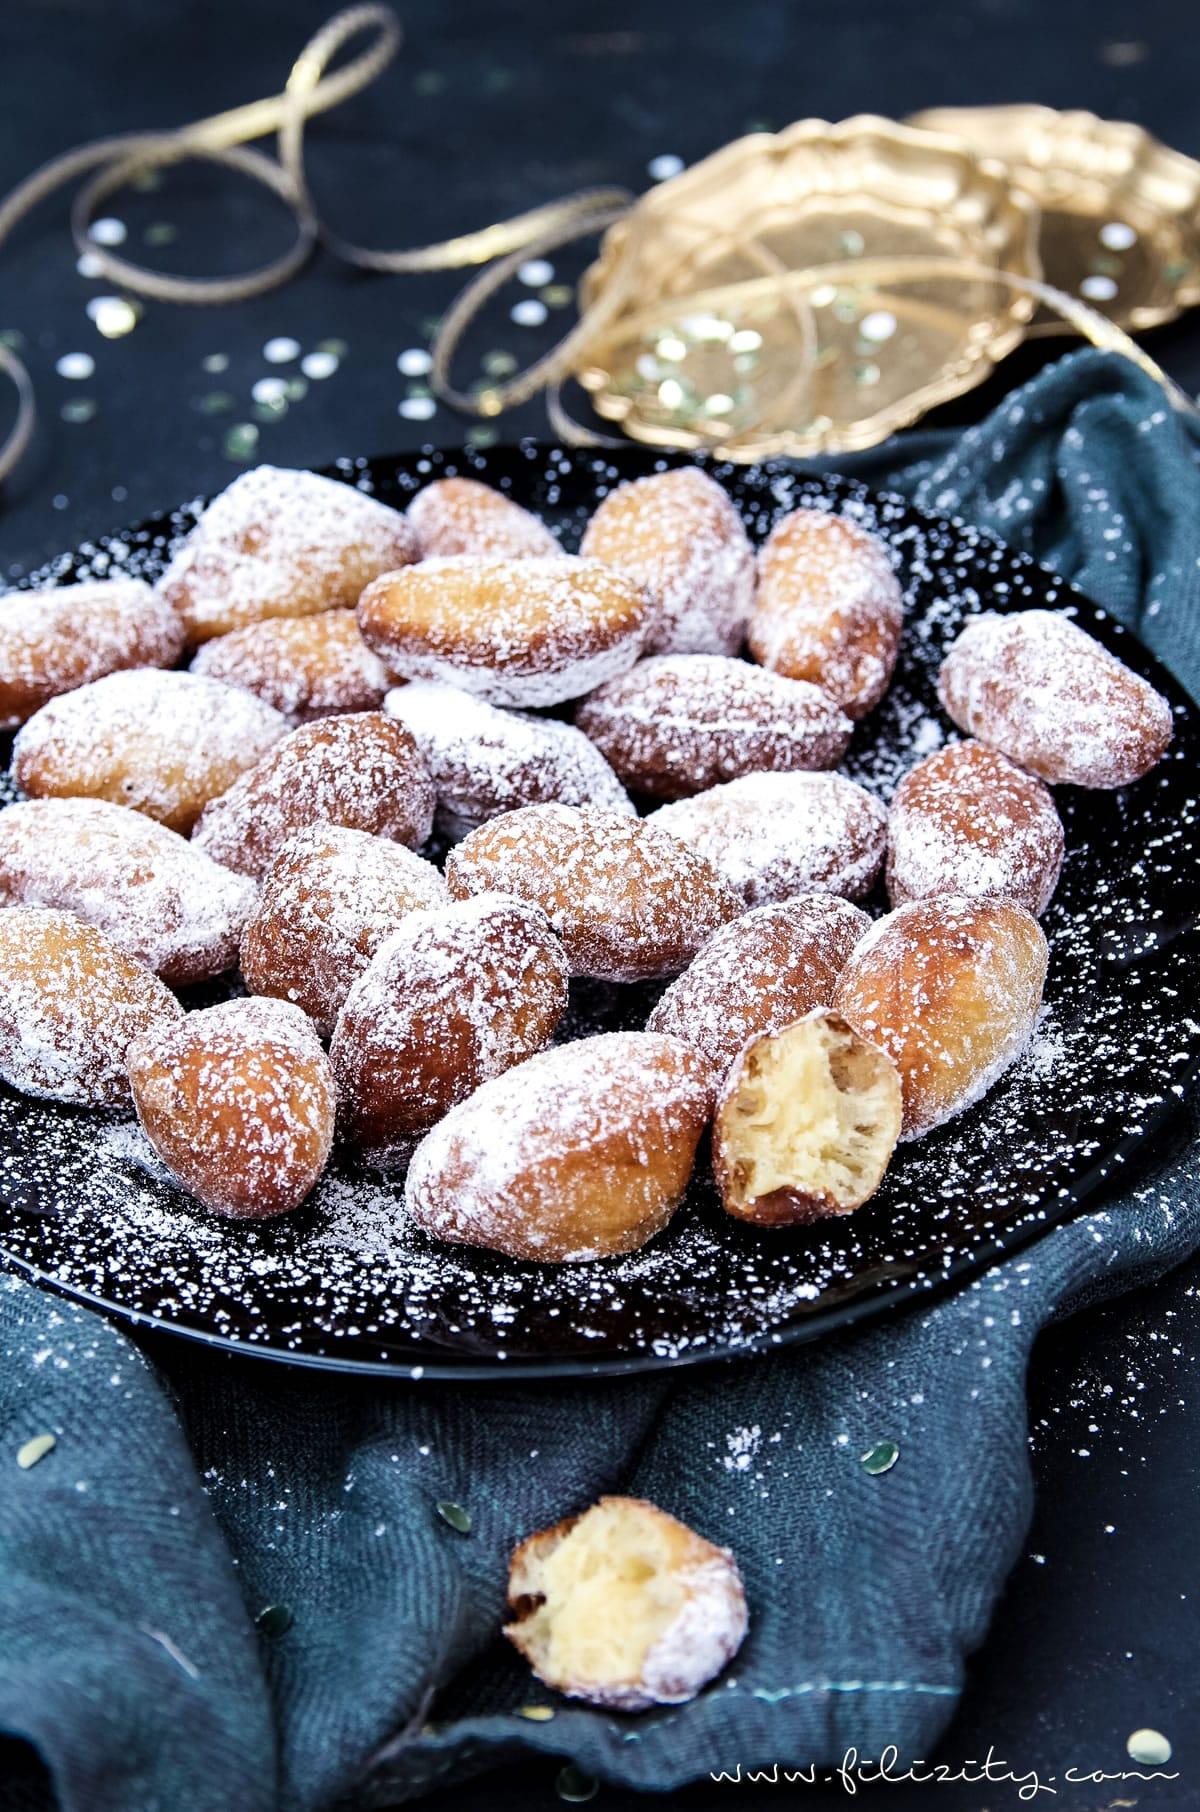 Fasching-Rezept für Mini-Krapfen | Berliner ohne Füllung | Filizity.com | Food-Blog aus dem Rheinland #helau #alaaf #karneval #fasching #berliner #partyfood